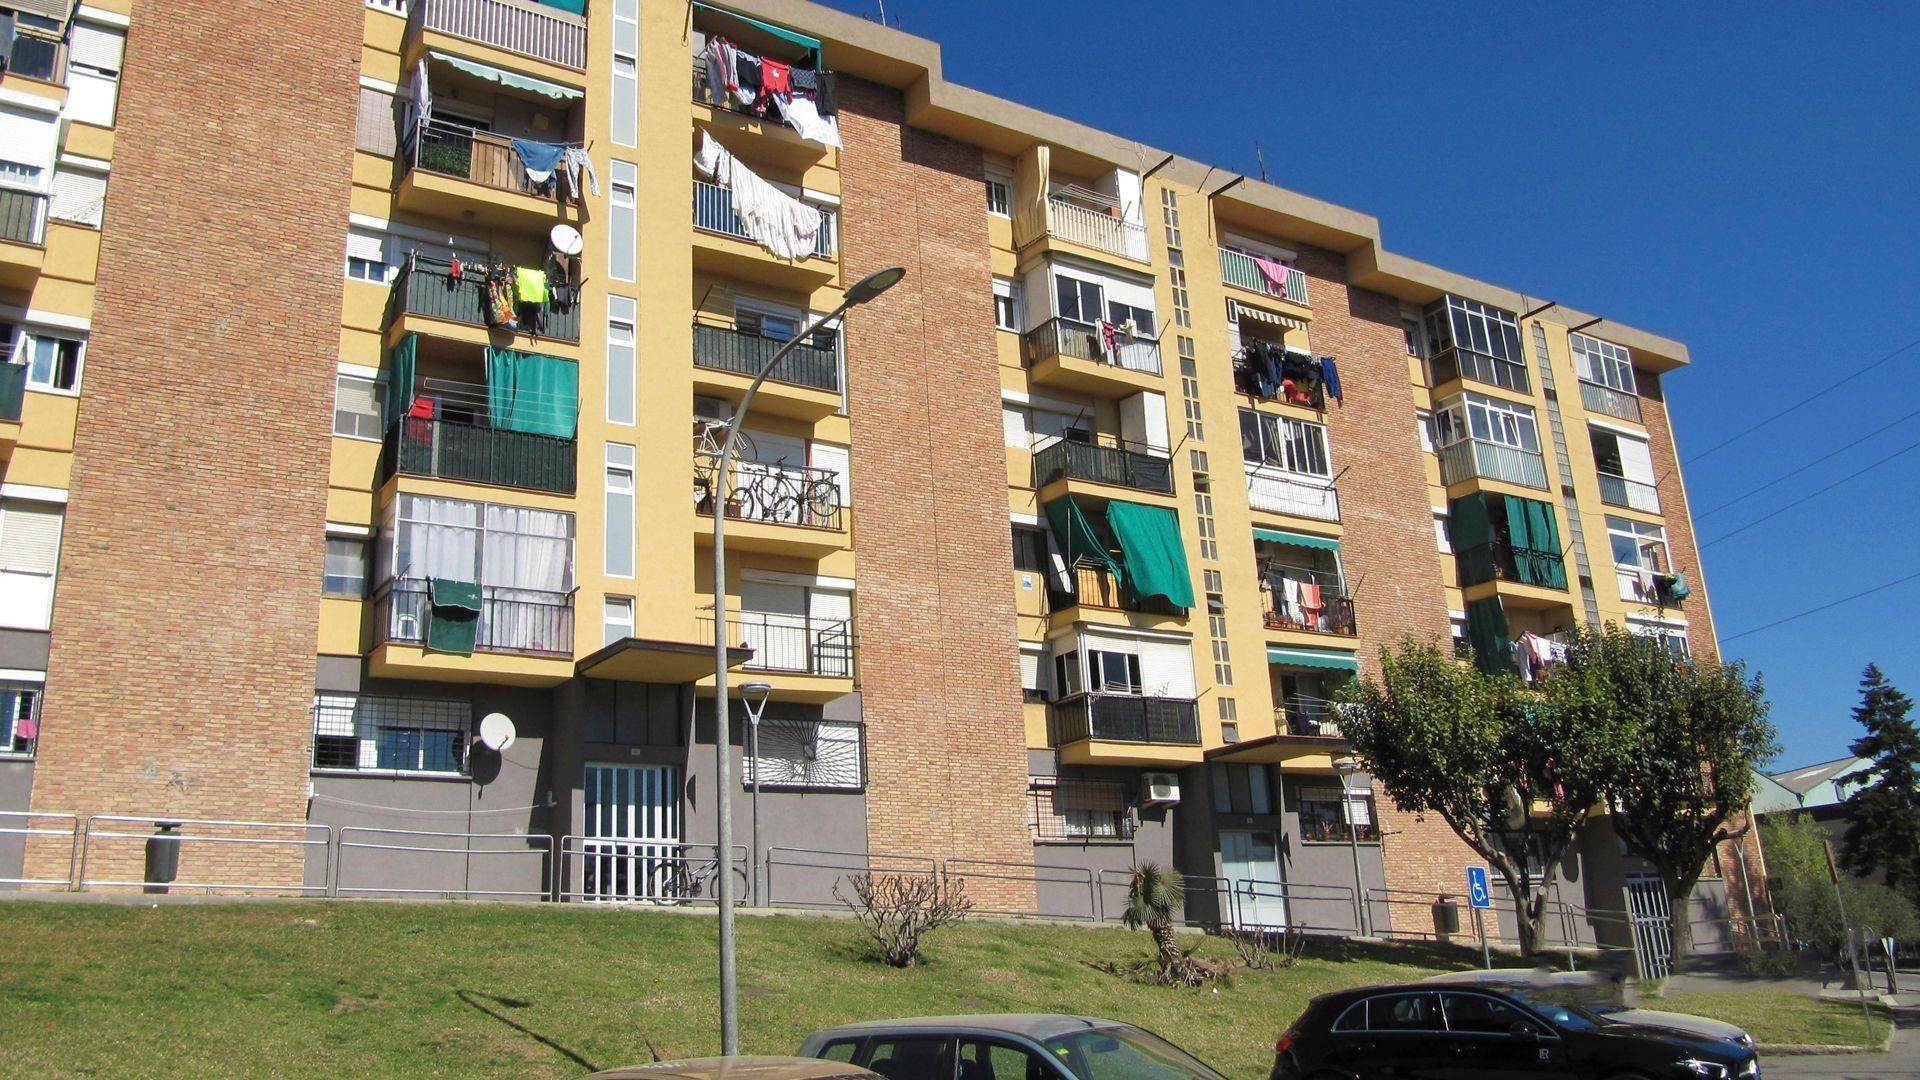 Rehabilitación de fachadas en Mollet del Vallès